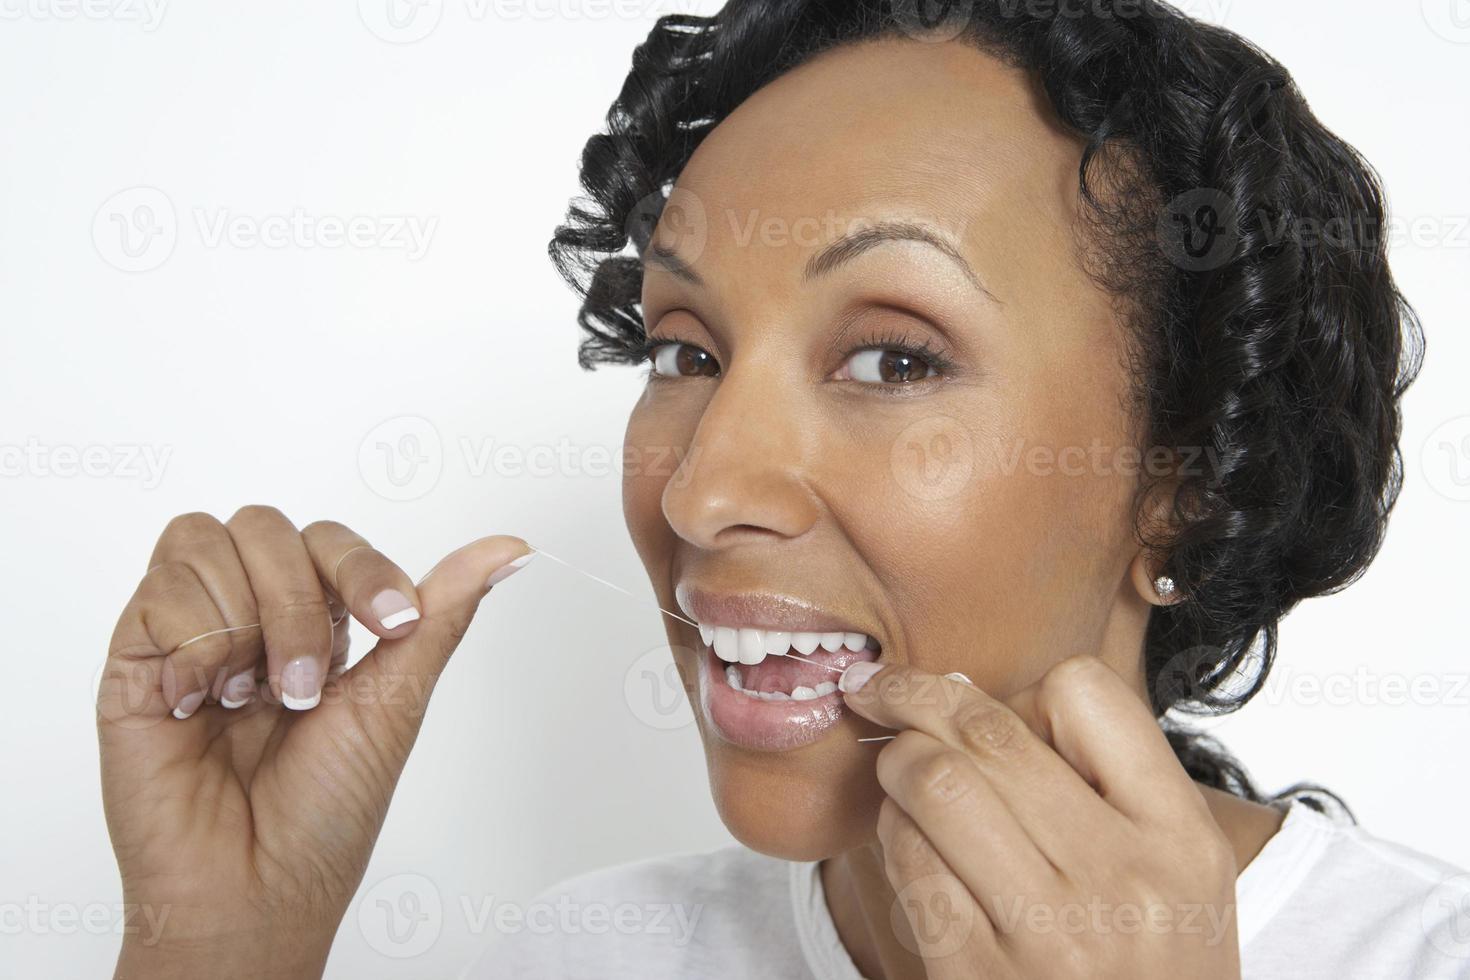 mulher, dentes fio dental, estúdio, tiro foto